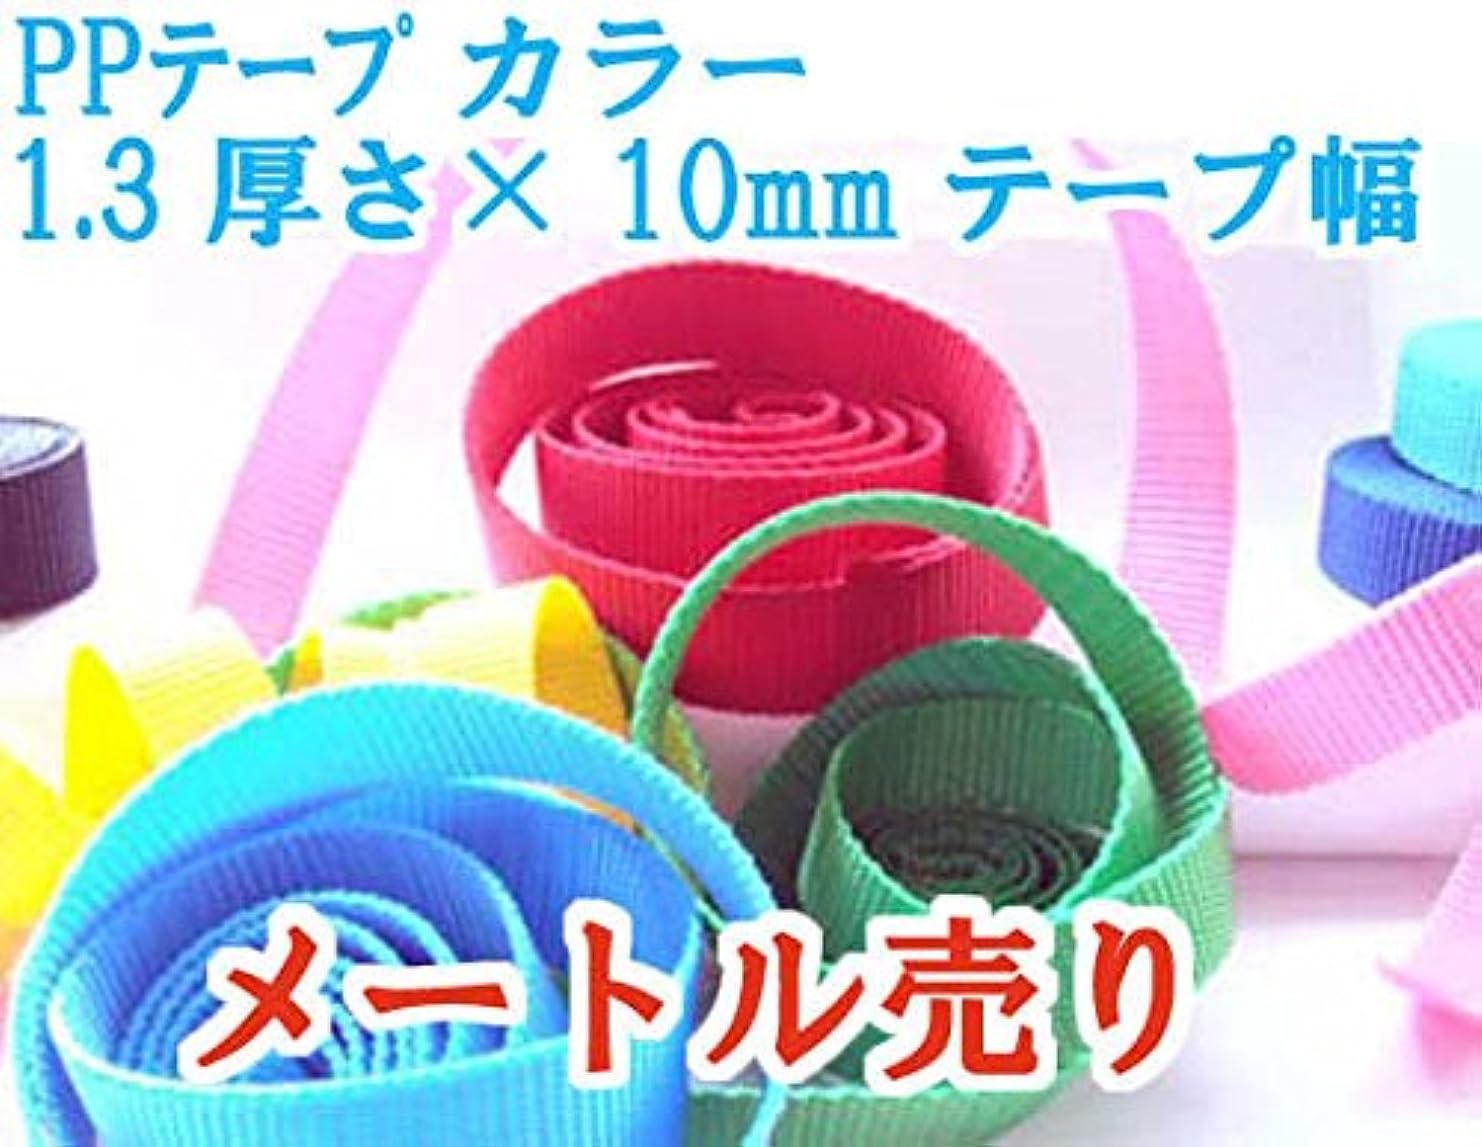 円形リーク仕事に行くPPテープ・リプロン(ポリプロピレン)テープ 48カラー 1.3×10mm メートル売り (38オリーヴグリーン)